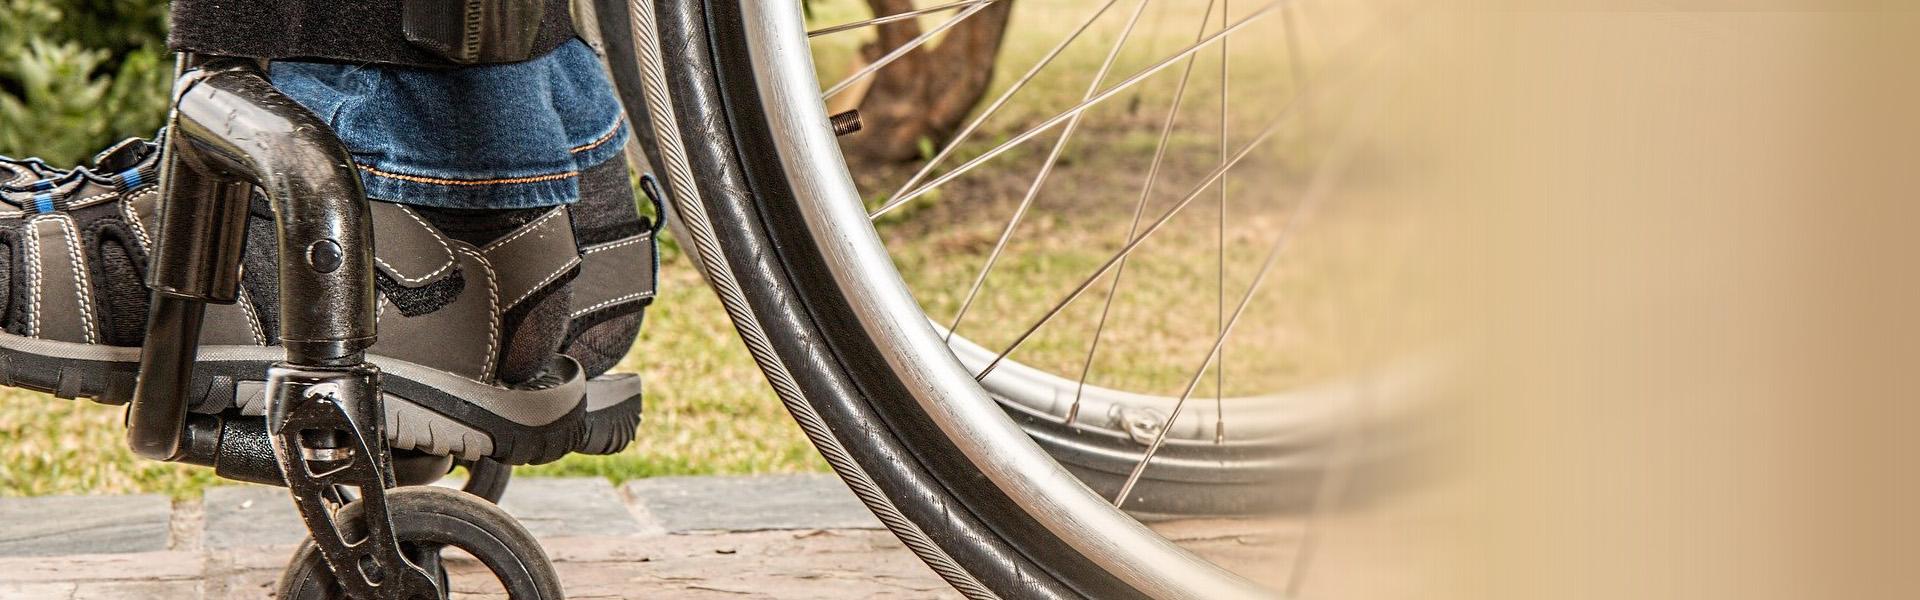 Gleichweit Rollstuhl in der Natur